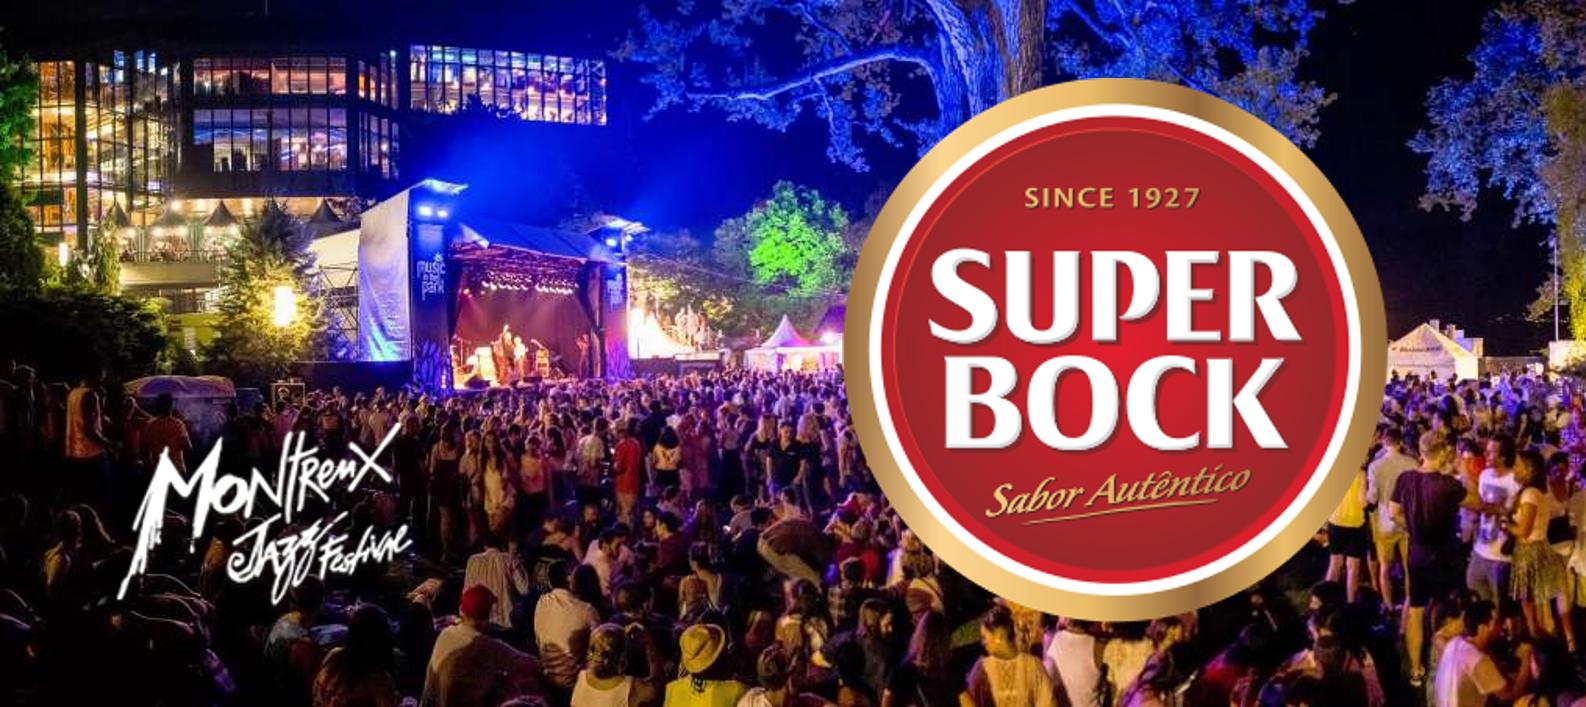 Super Bock é a cerveja oficial do Montreux Jazz Festival